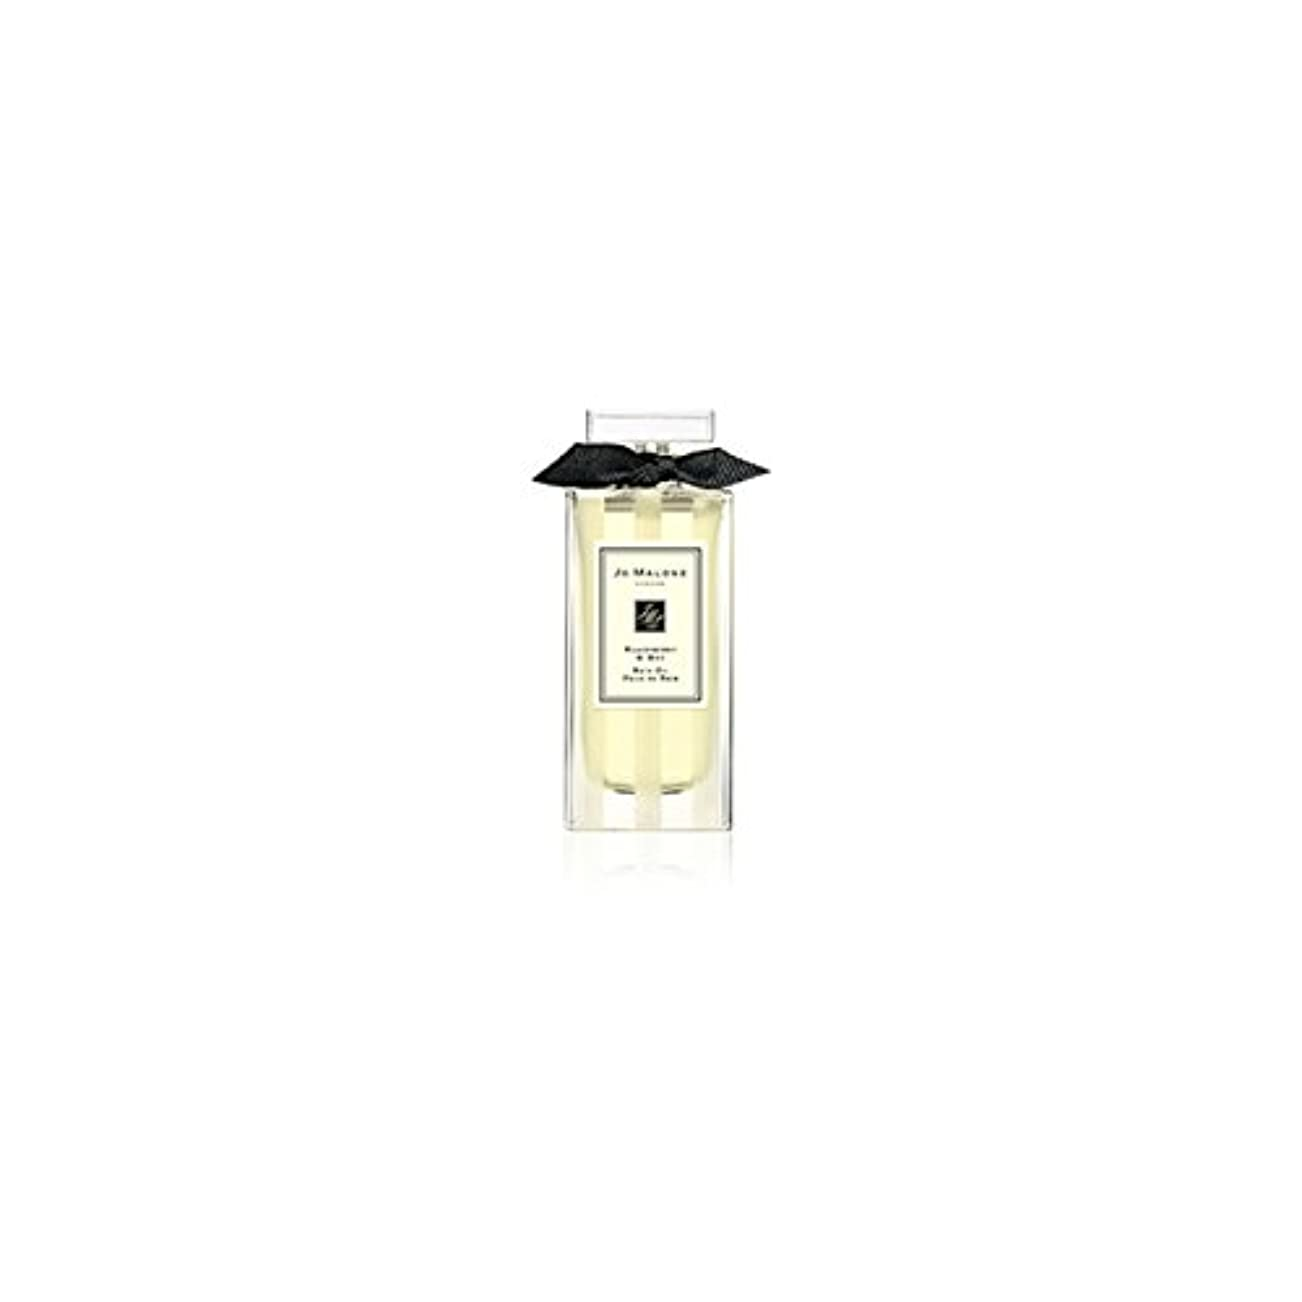 葉巻ジュース相談するJo Malone Blackberry & Bay Bath Oil - 30ml (Pack of 6) - ジョーマローンブラックベリー&ベイバスオイル - 30ミリリットル (x6) [並行輸入品]